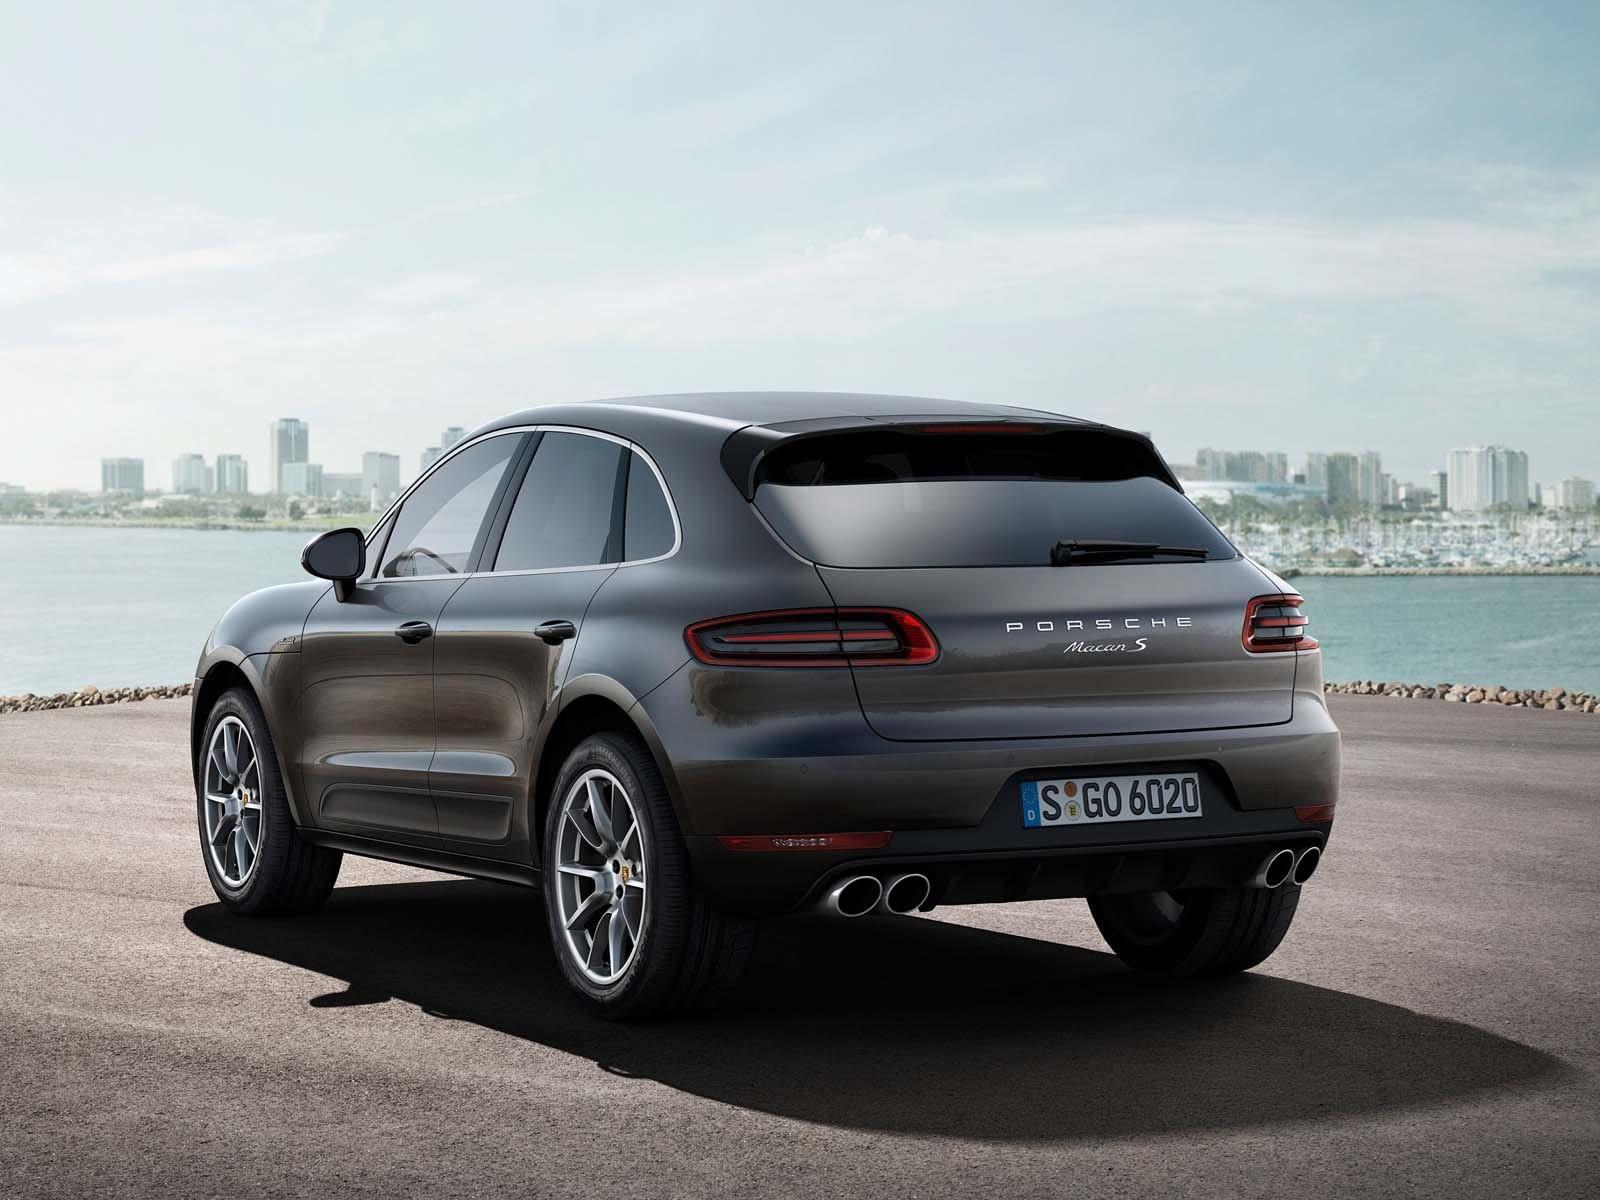 «Есть много рынков, например, в Южной Европе, где люди действительно не понимают текущую дискуссию Германии о будущем дизельного топлива. Там 80 процентов покупателей покупают дизельные автомобили» - уточнил Блюм.